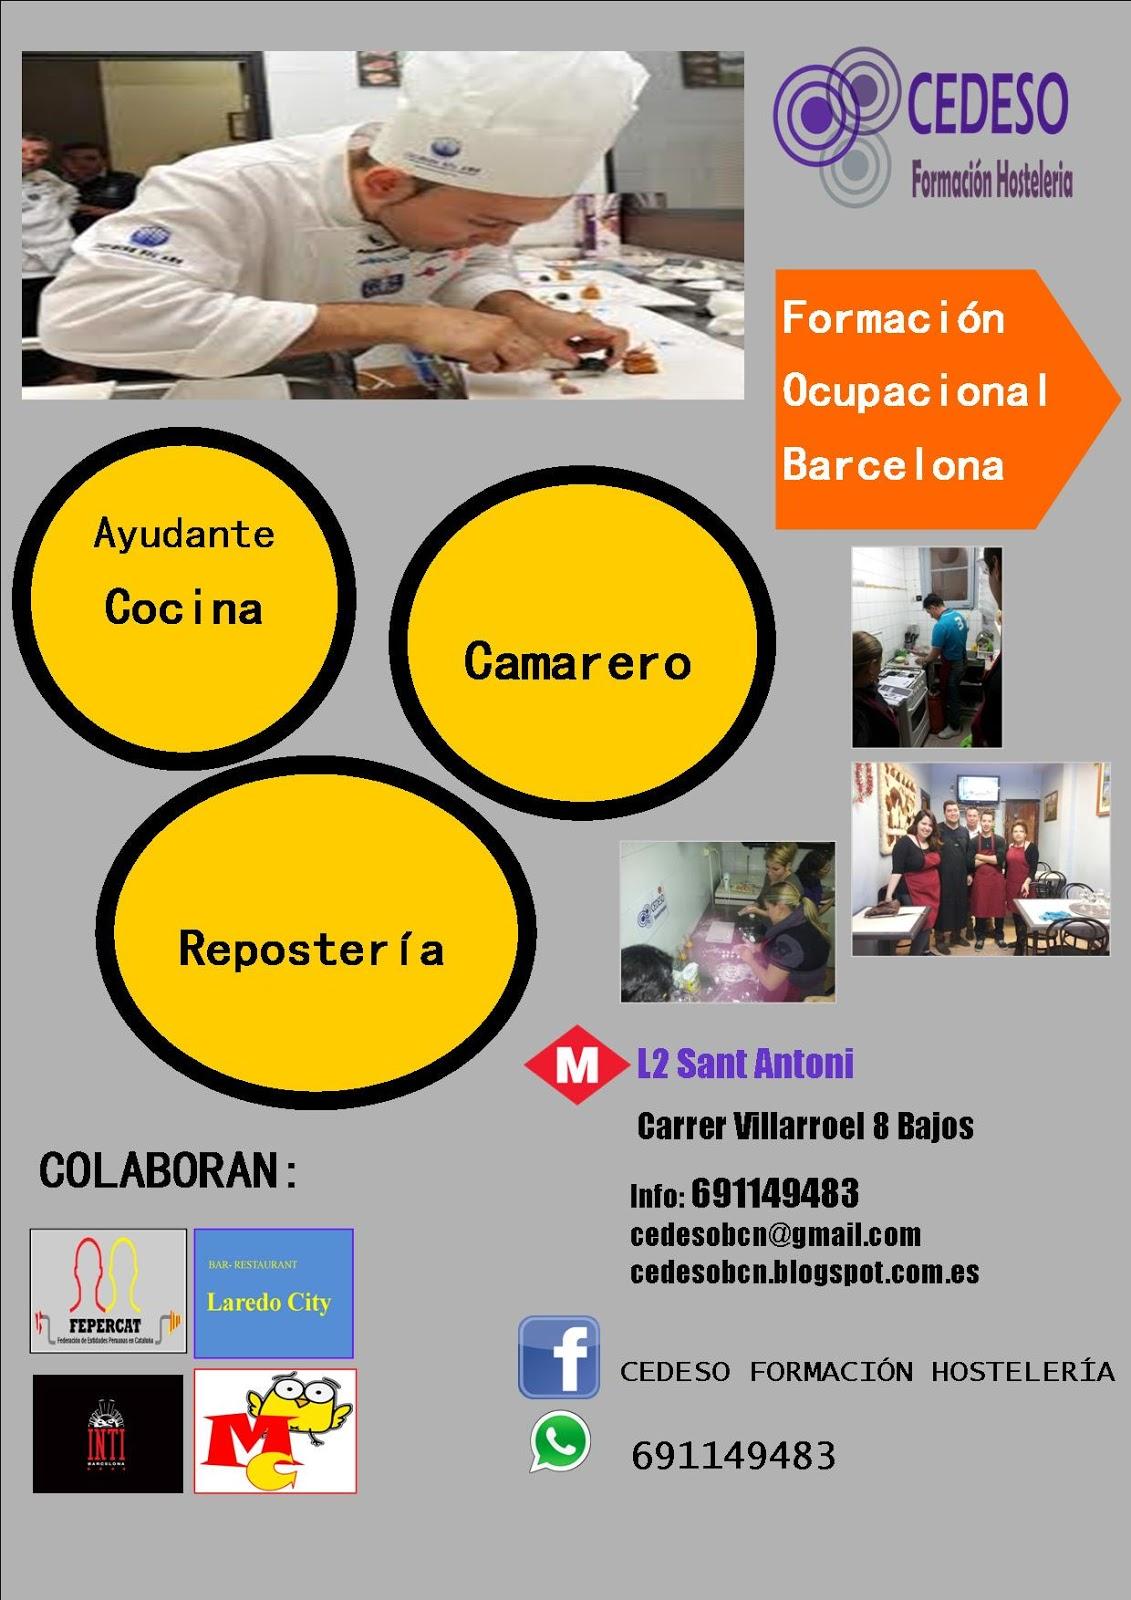 Cursos de cocina en barcelona cursos cocina sevilla elegante cursos de cocina barcelona - Curso cocina sevilla ...